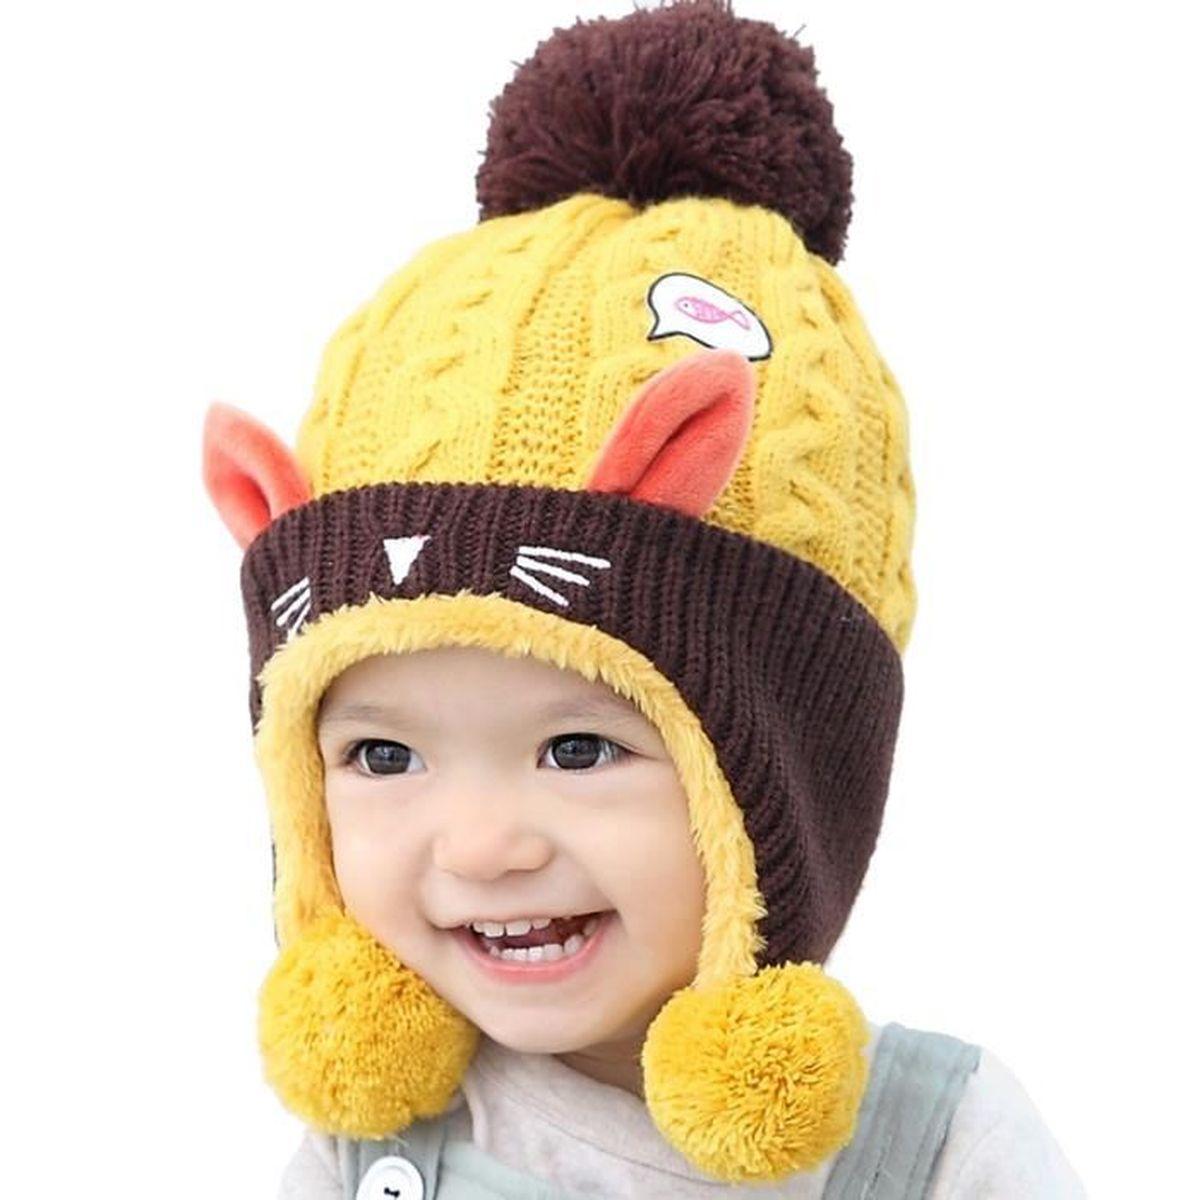 3a313cfbe65 ... chapeau-Couleur Jaune. BONNET - CAGOULE Bonnet en Tricot pour bébé  Chiot enfant fille orei